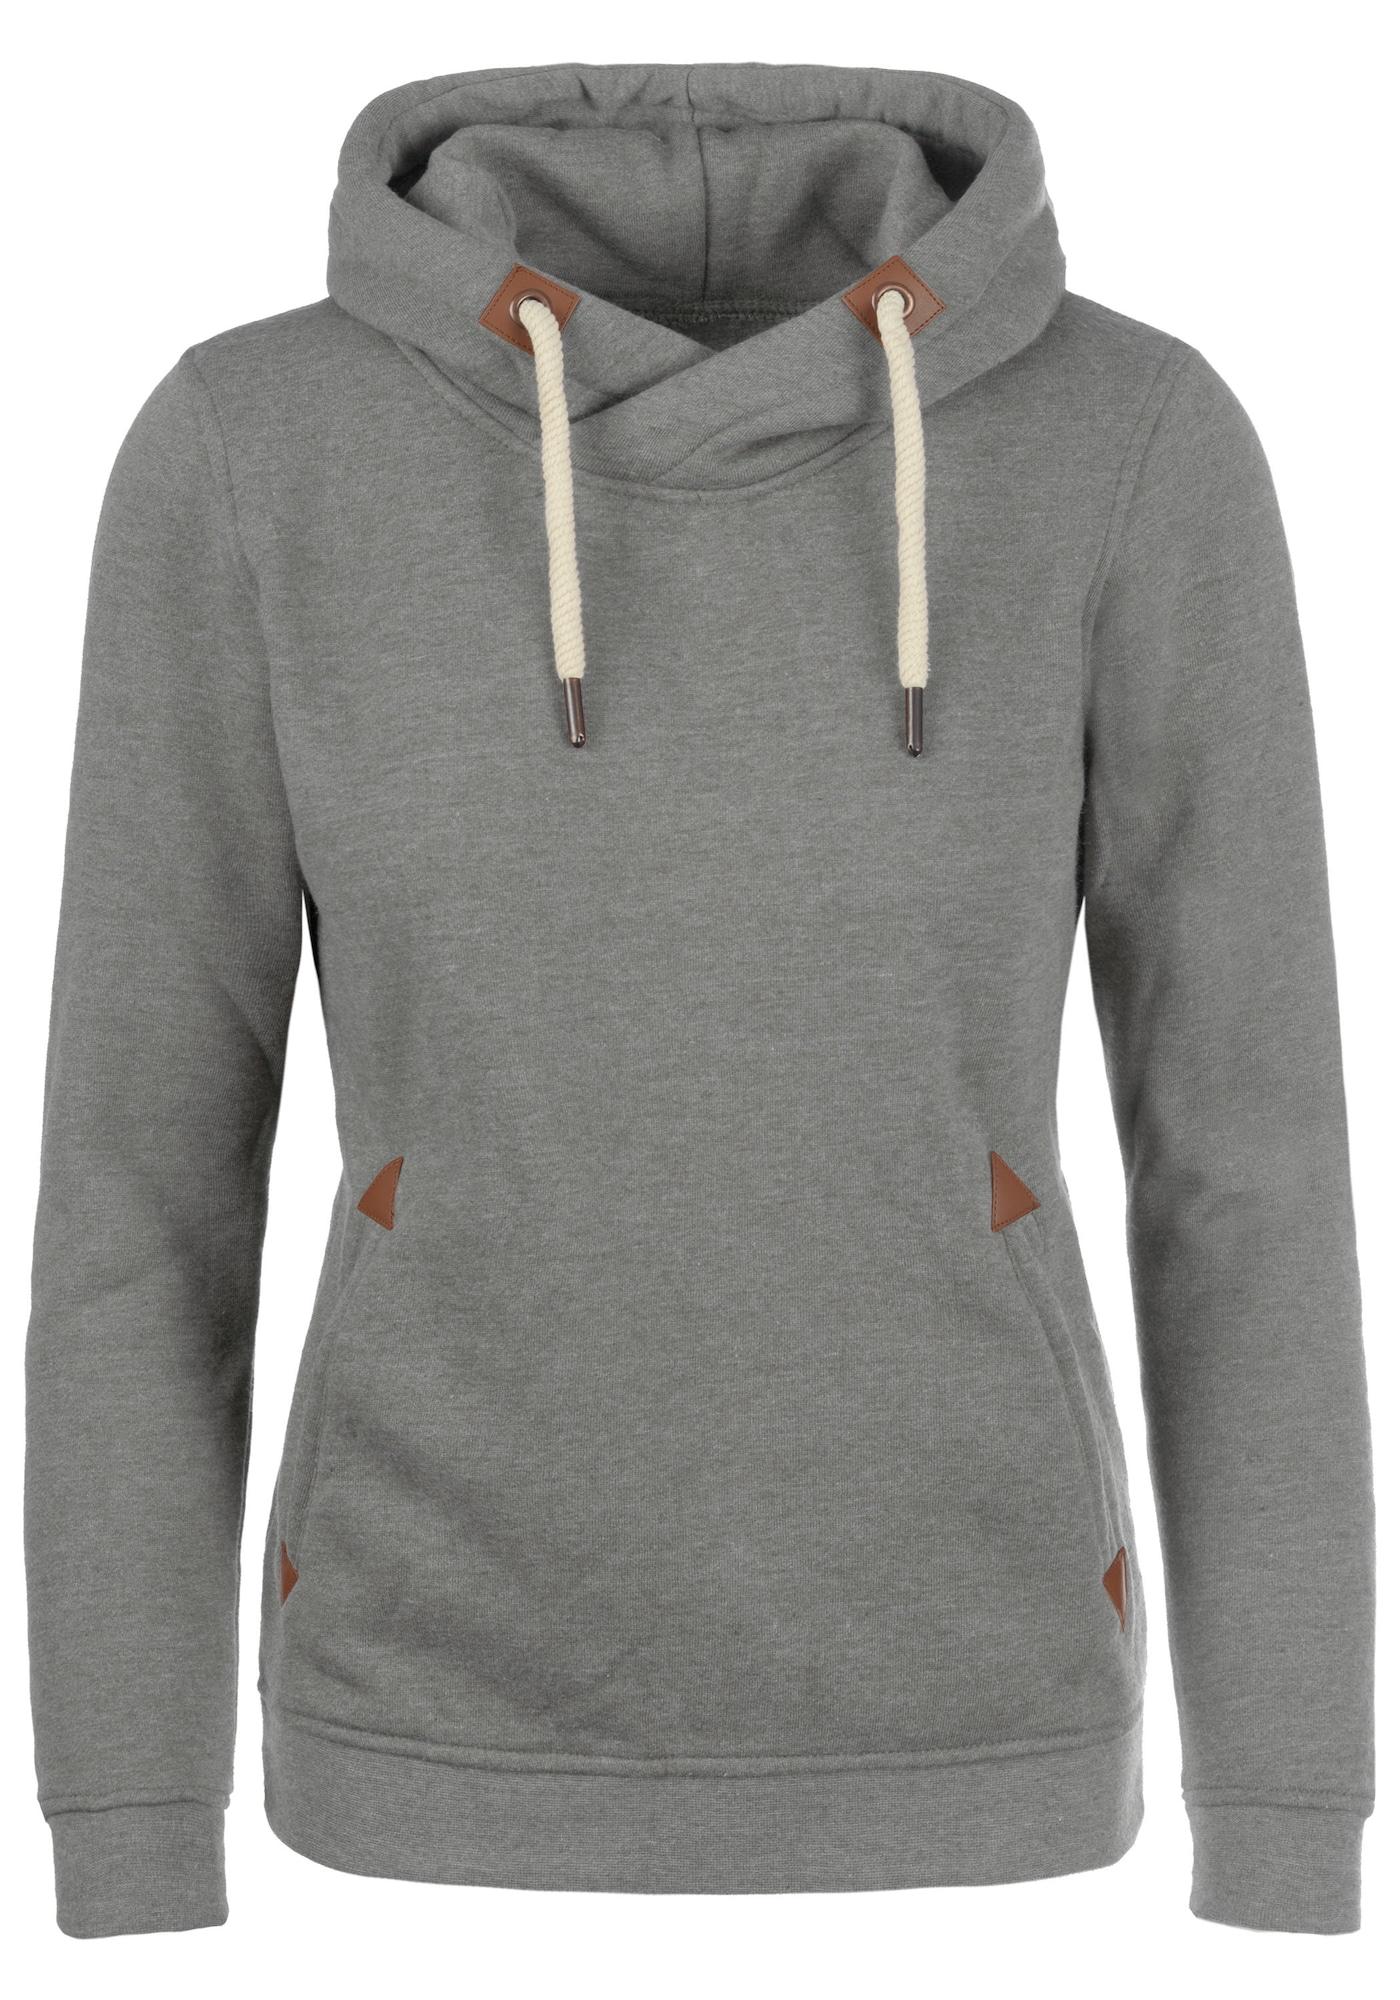 Hoodie 'Vicky Hood' | Bekleidung > Sweatshirts & -jacken | Desires